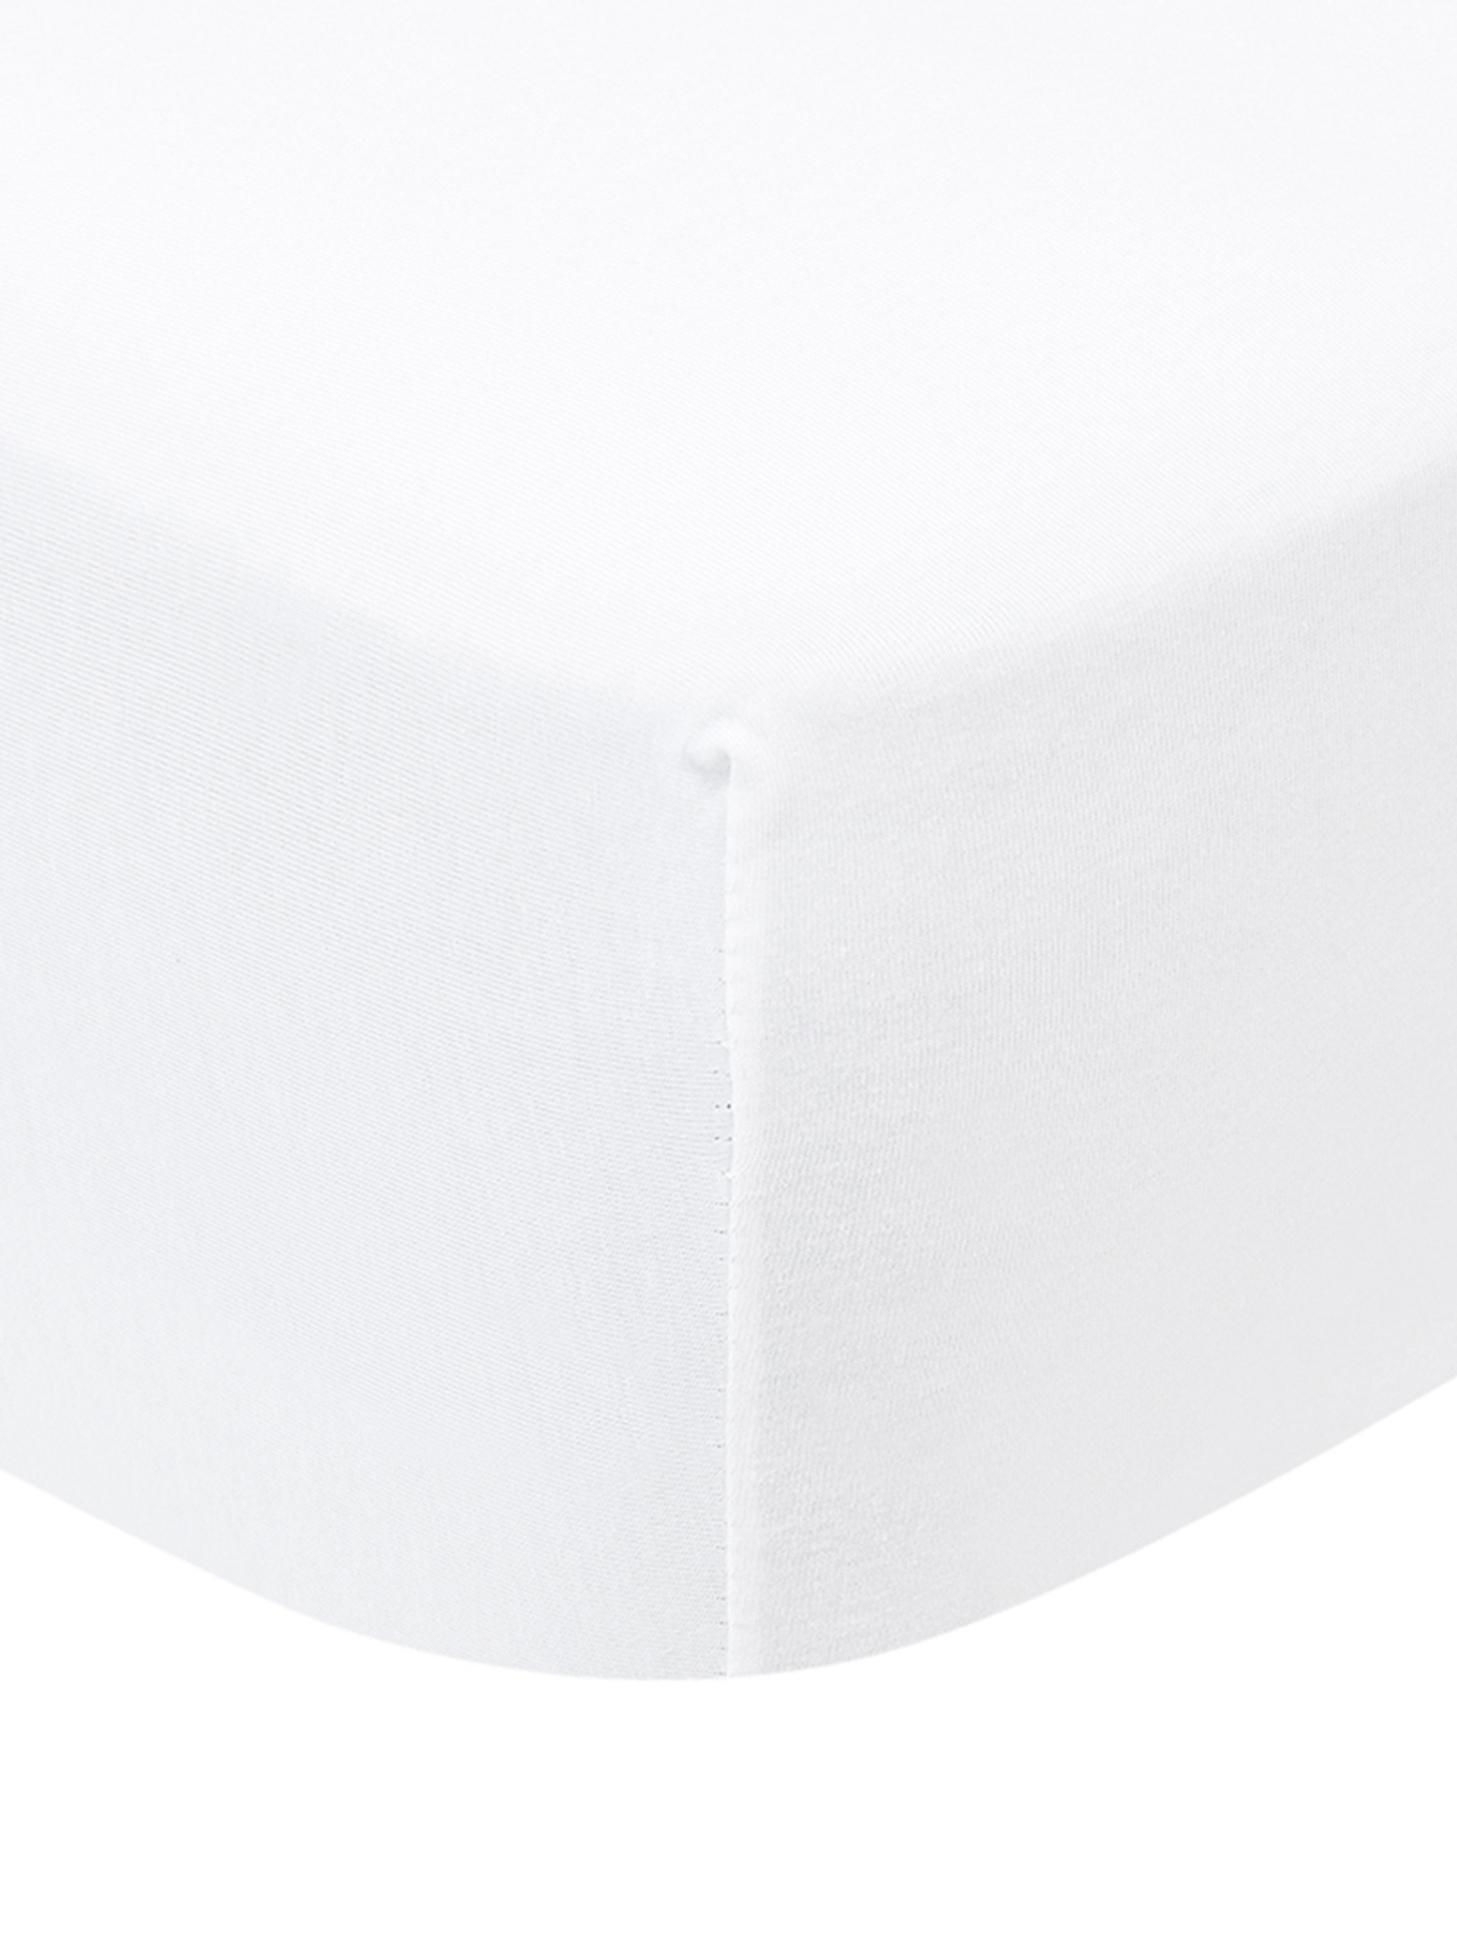 Topper-Spannbettlaken Lara, Jersey-Elasthan, 95% Baumwolle, 5% Elasthan, Weiß, 140 x 200 cm